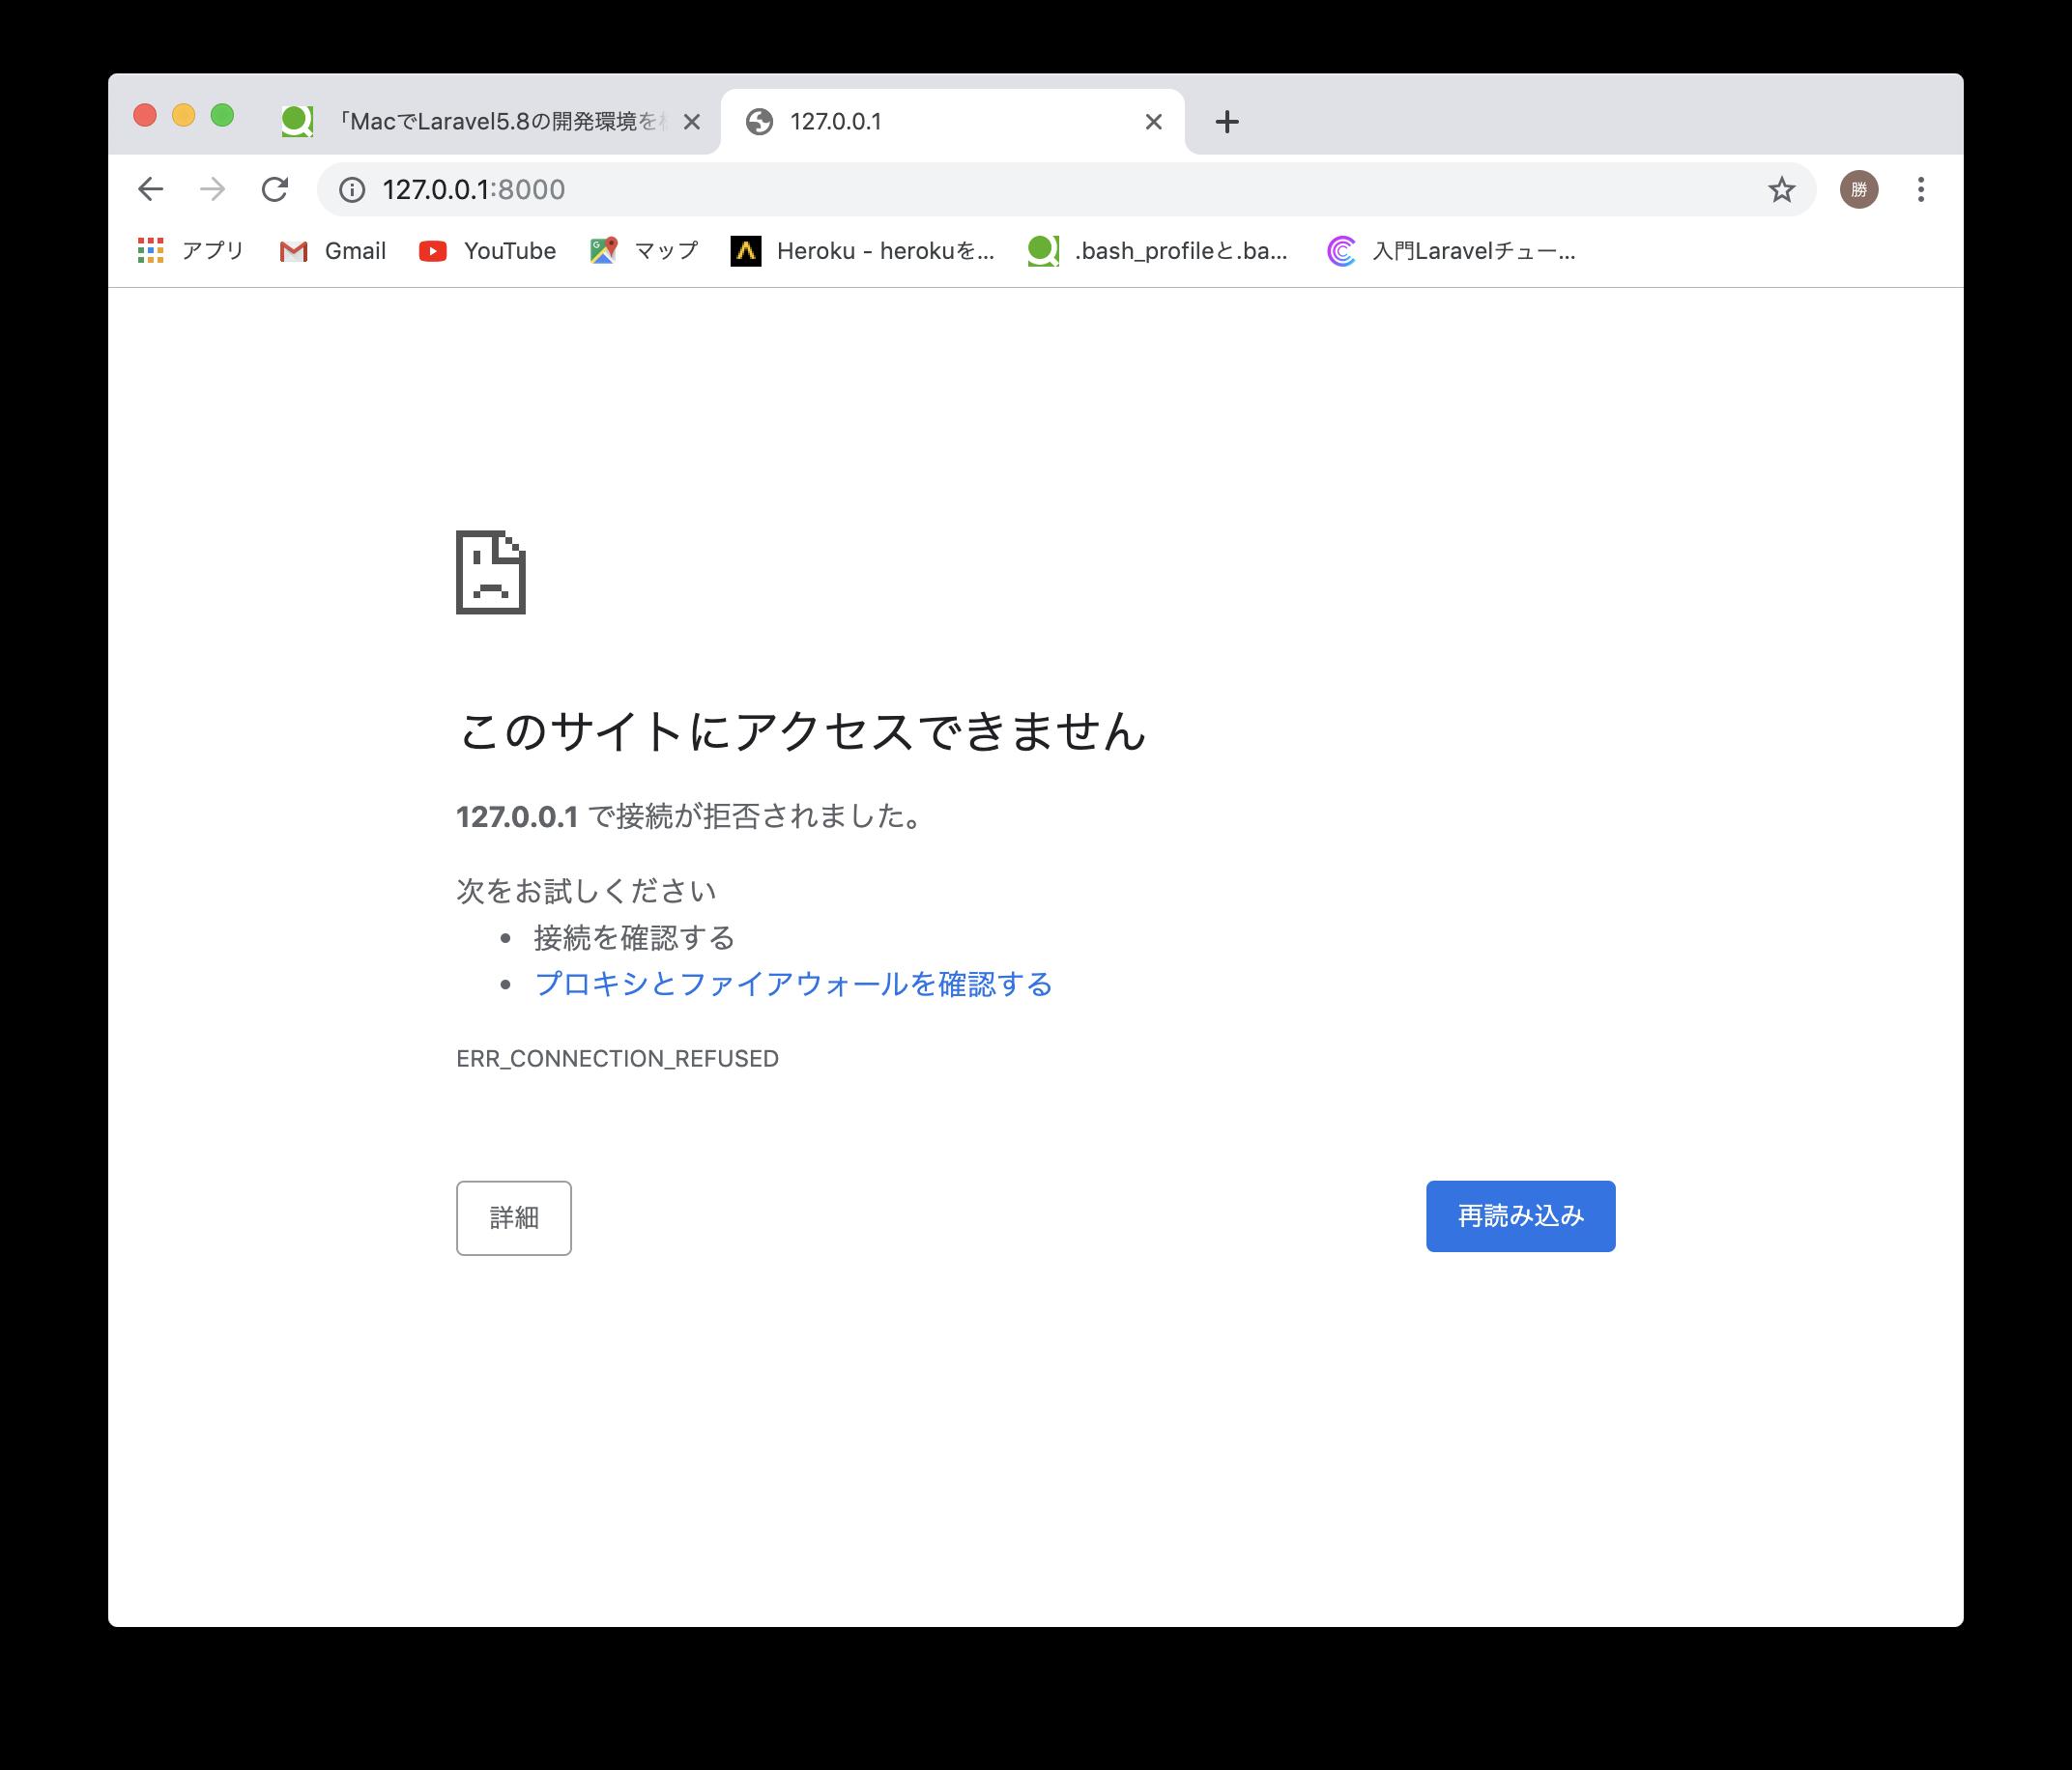 スクリーンショット 2019-10-17 10.44.23.png